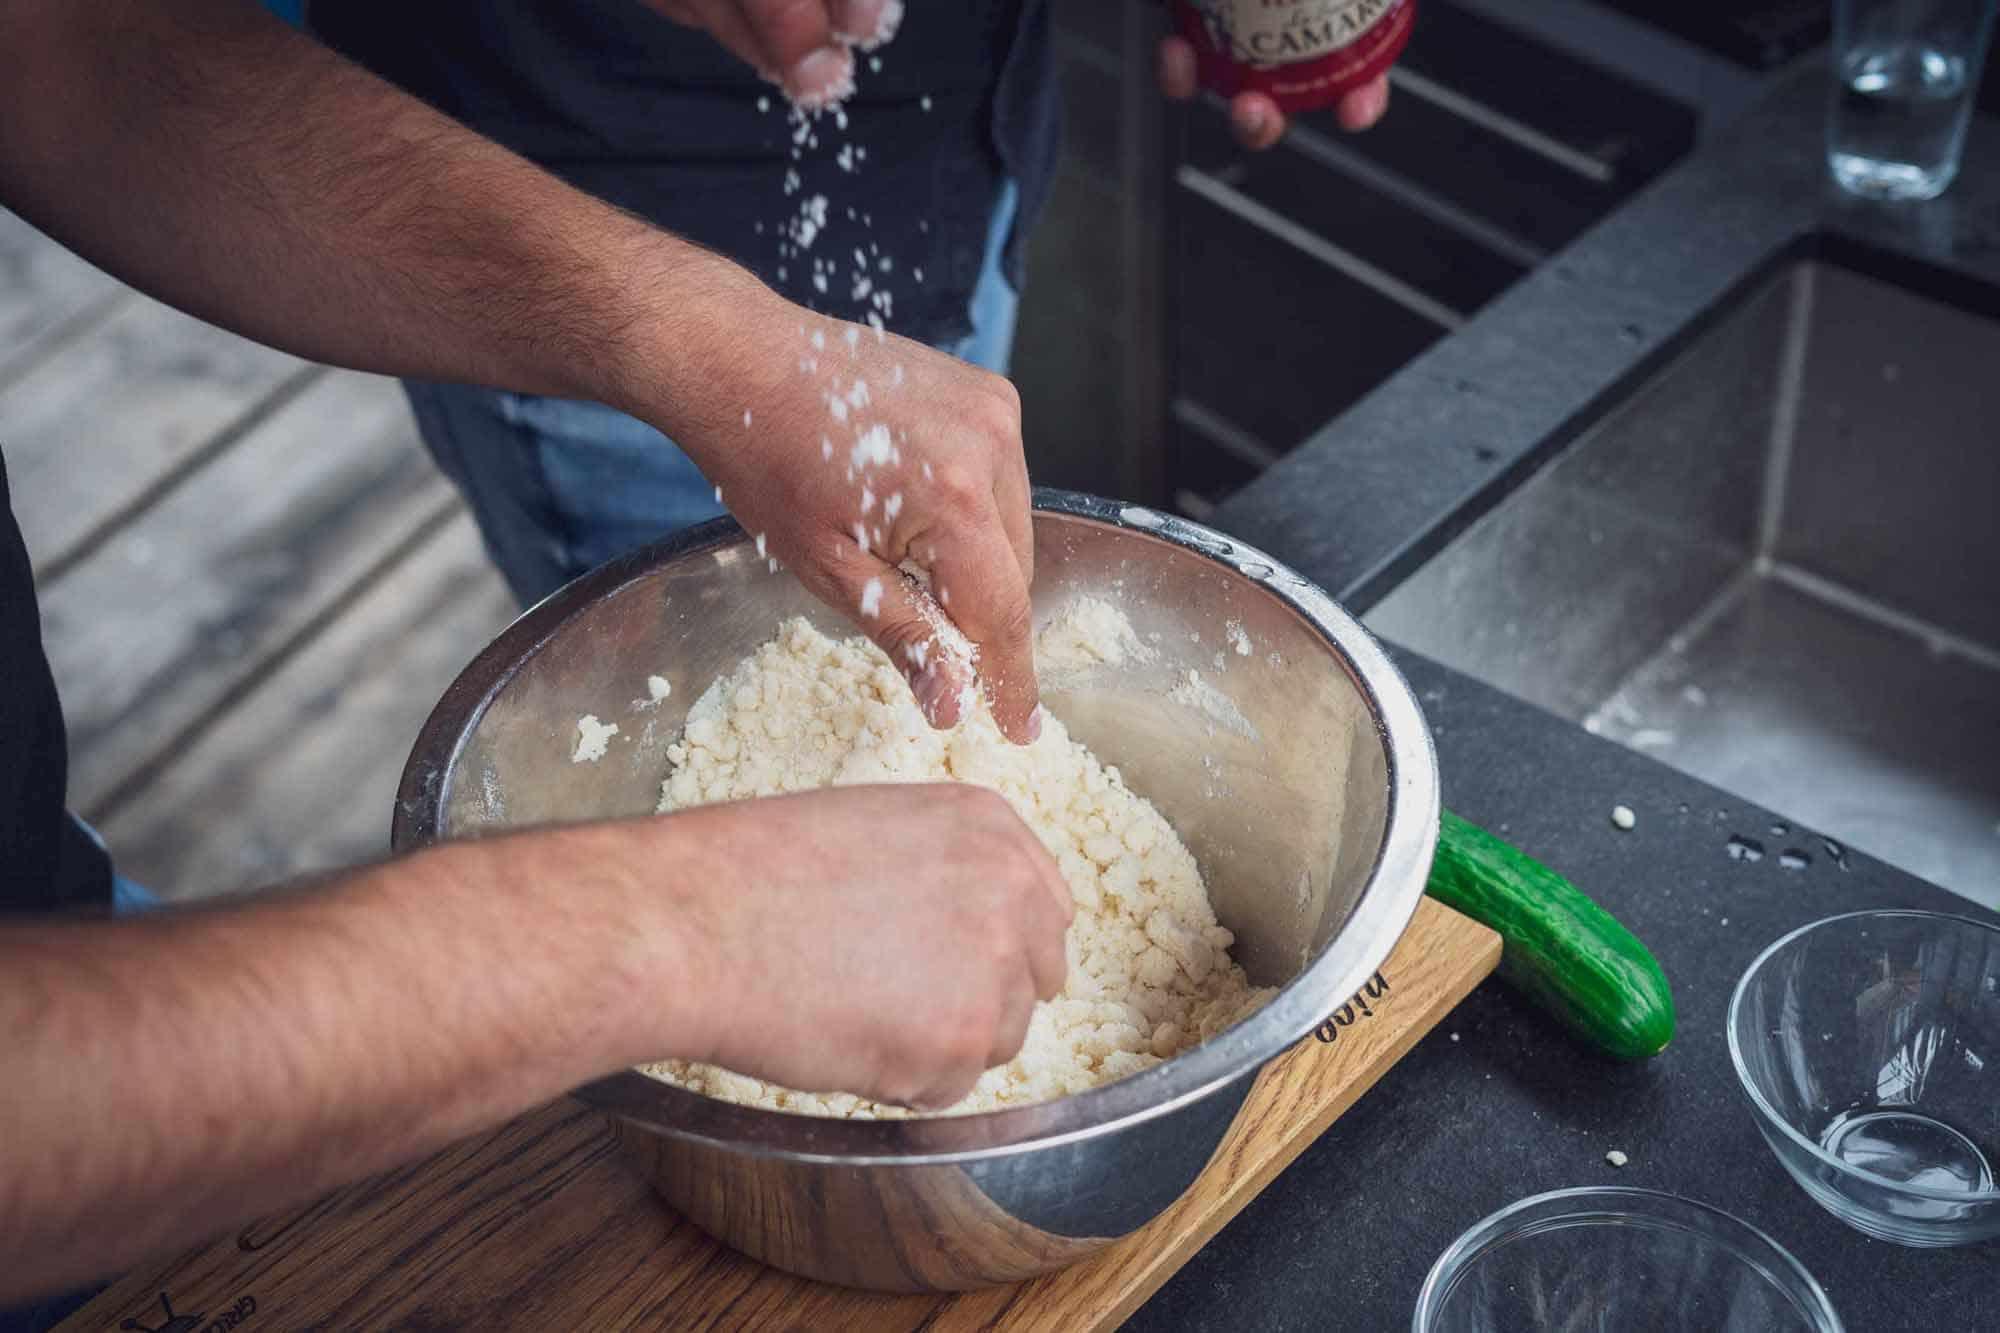 Den Teig gut kneten und mit ausreichend Wasser vermengen